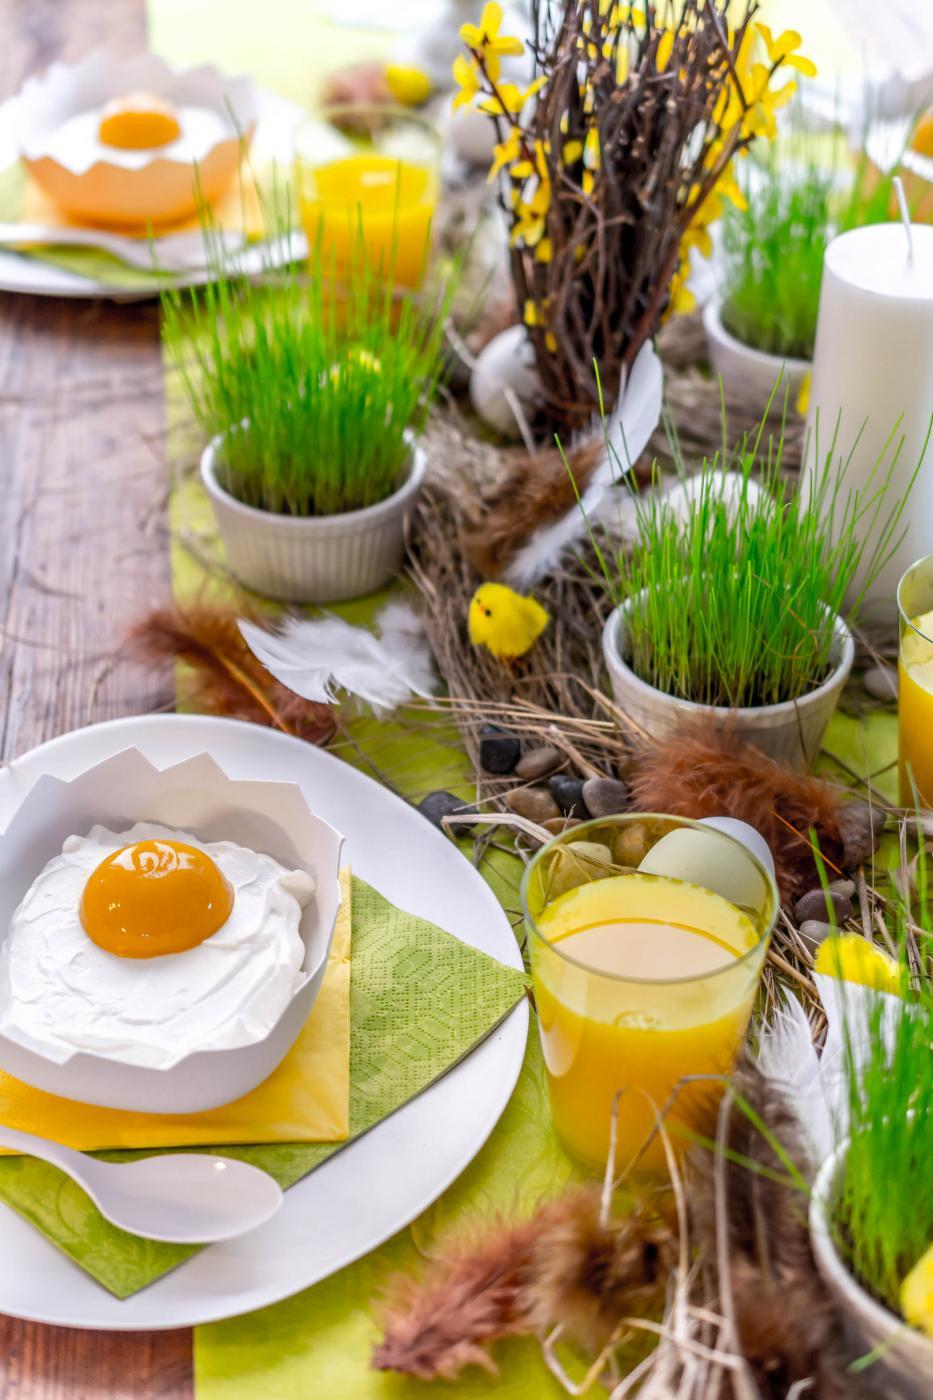 Keväinen pääsiäiskattaus mummulan malliin